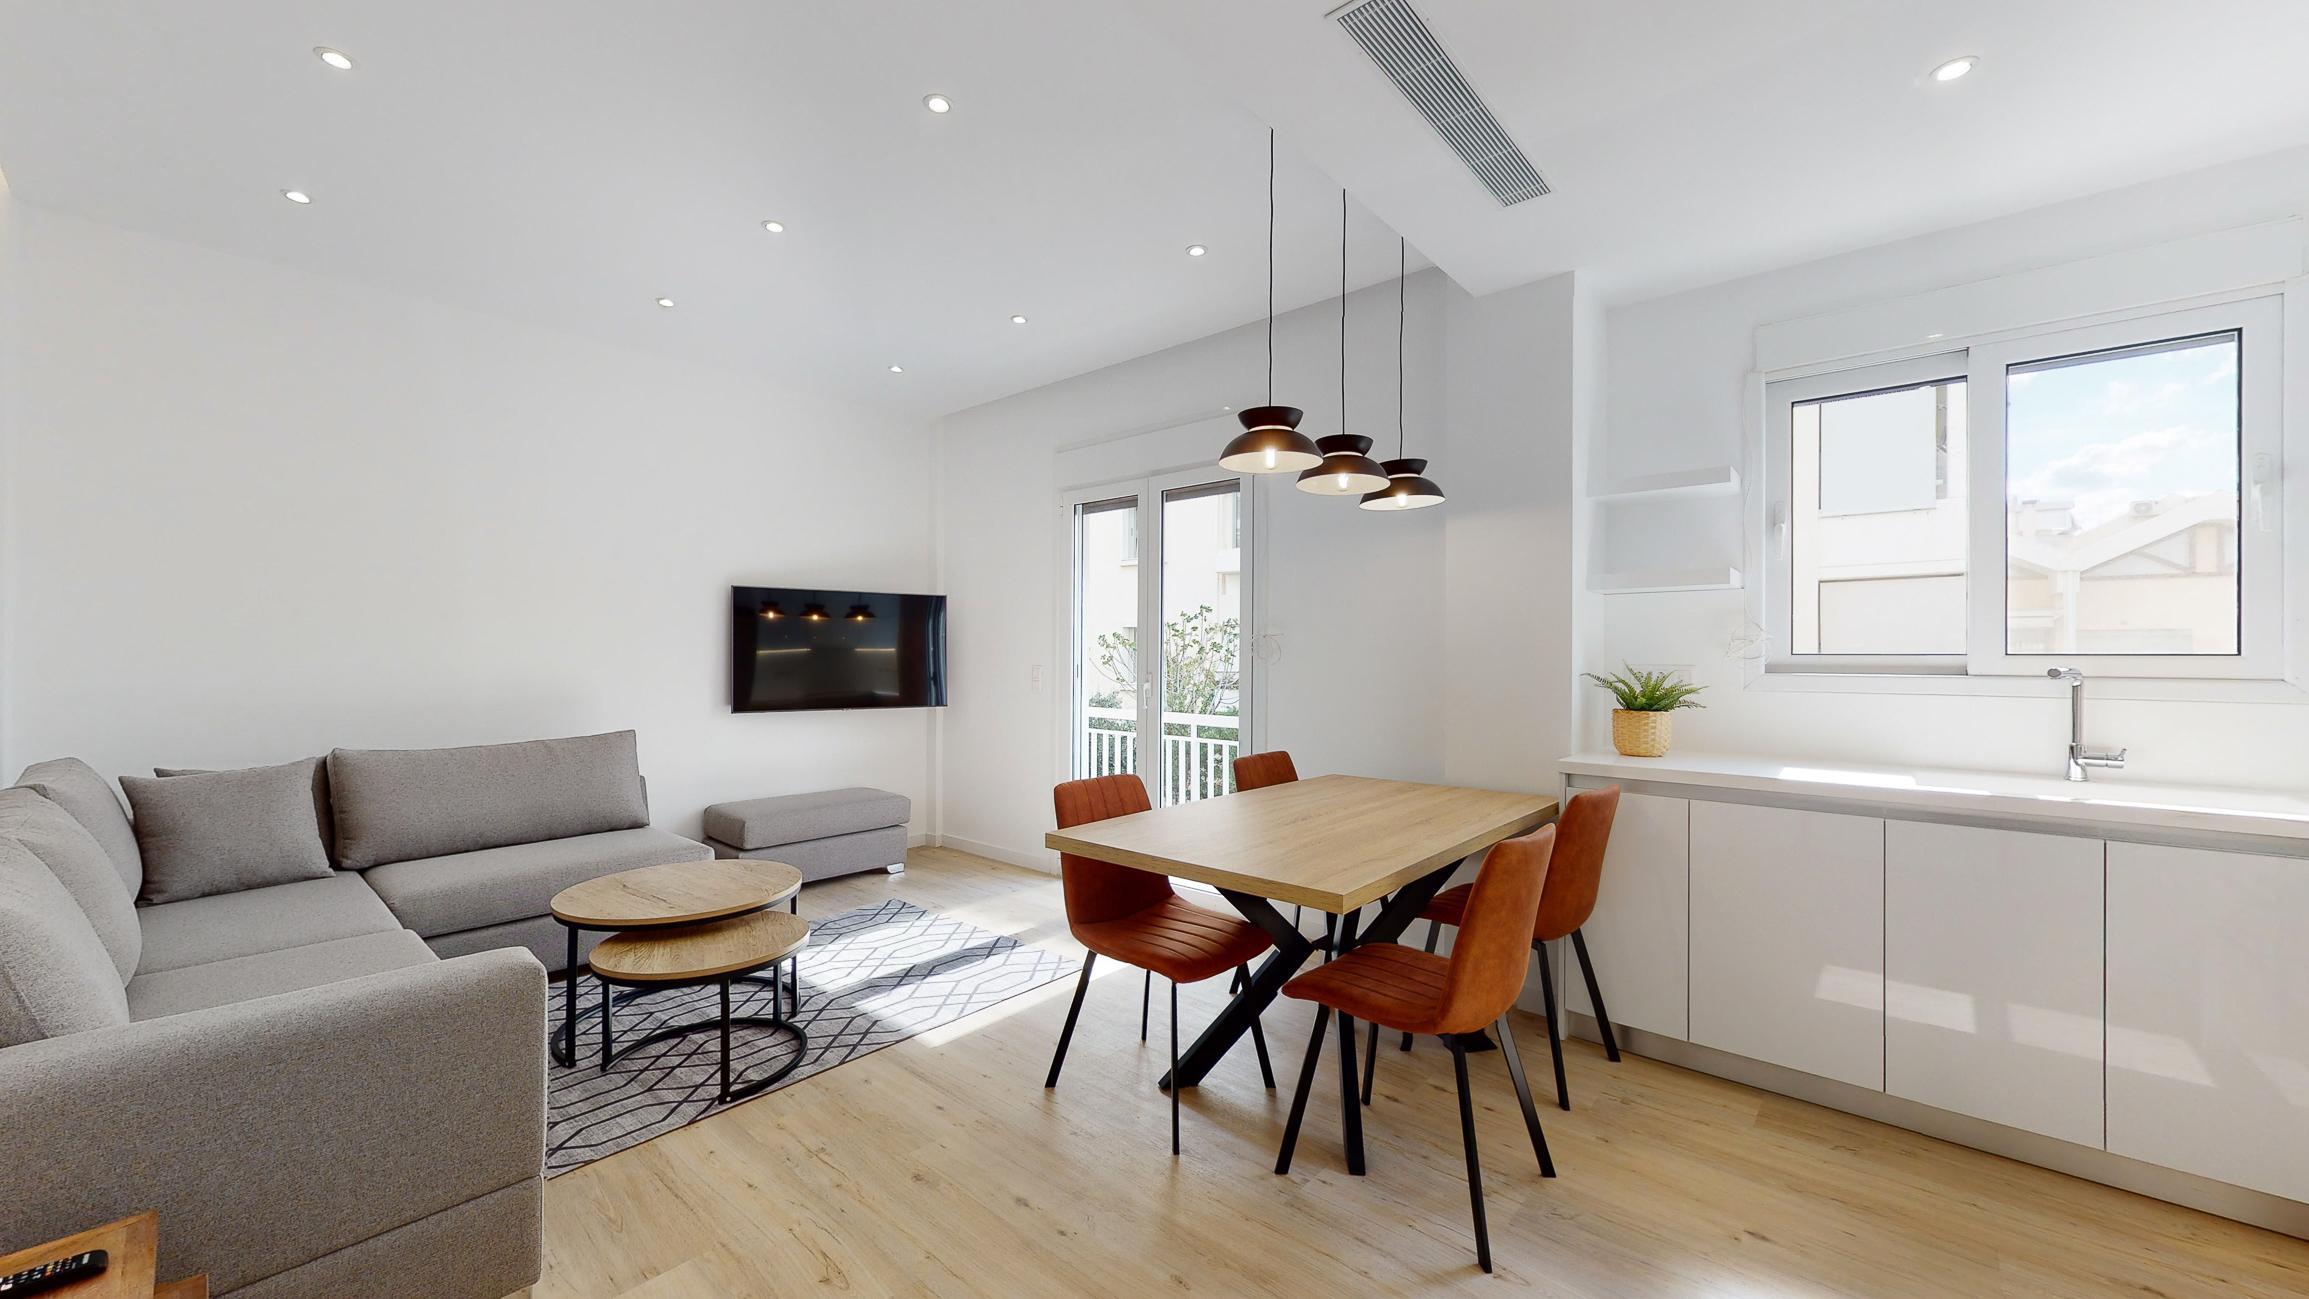 https://api.thebrik.com/static/properties/606432f31e79e46df07766c3/533d7425.living-room.3.jpg